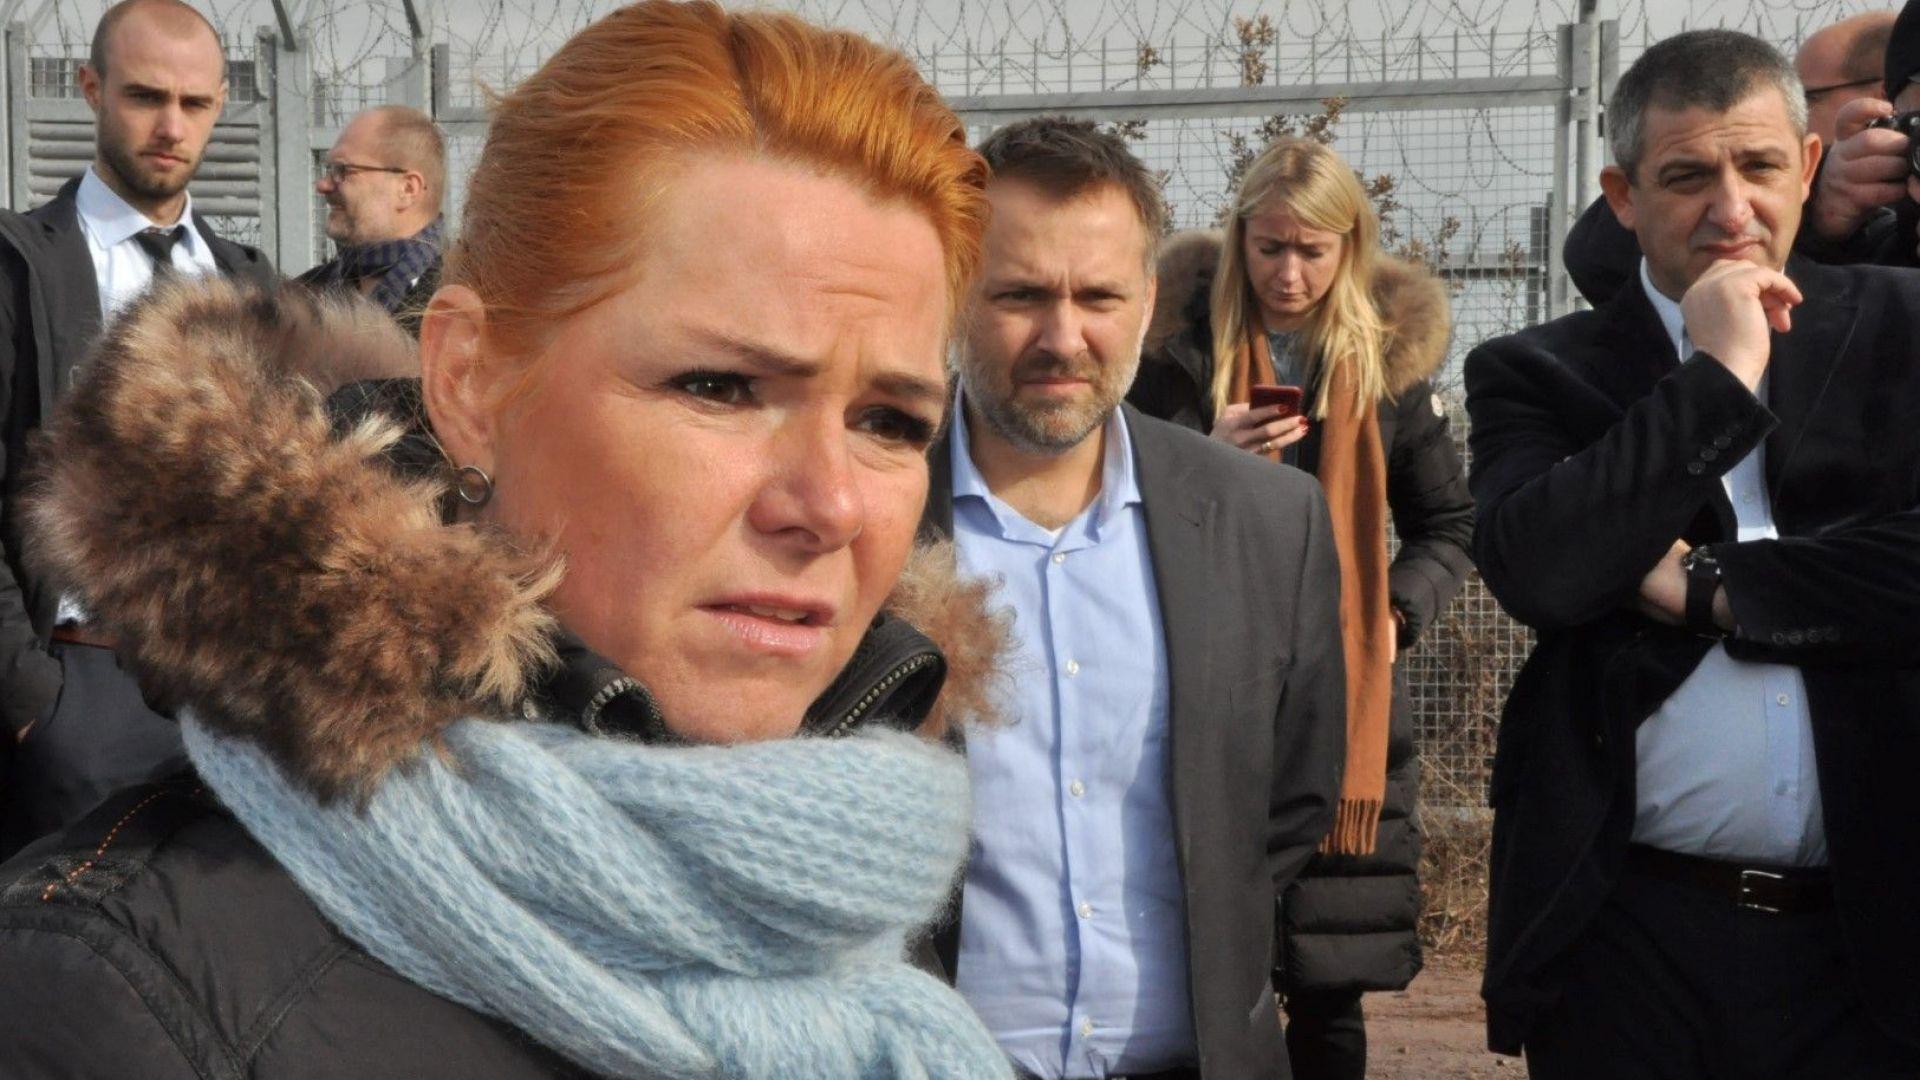 България върши огромна работа по охраната на външната граница на ЕС, каза датски министър